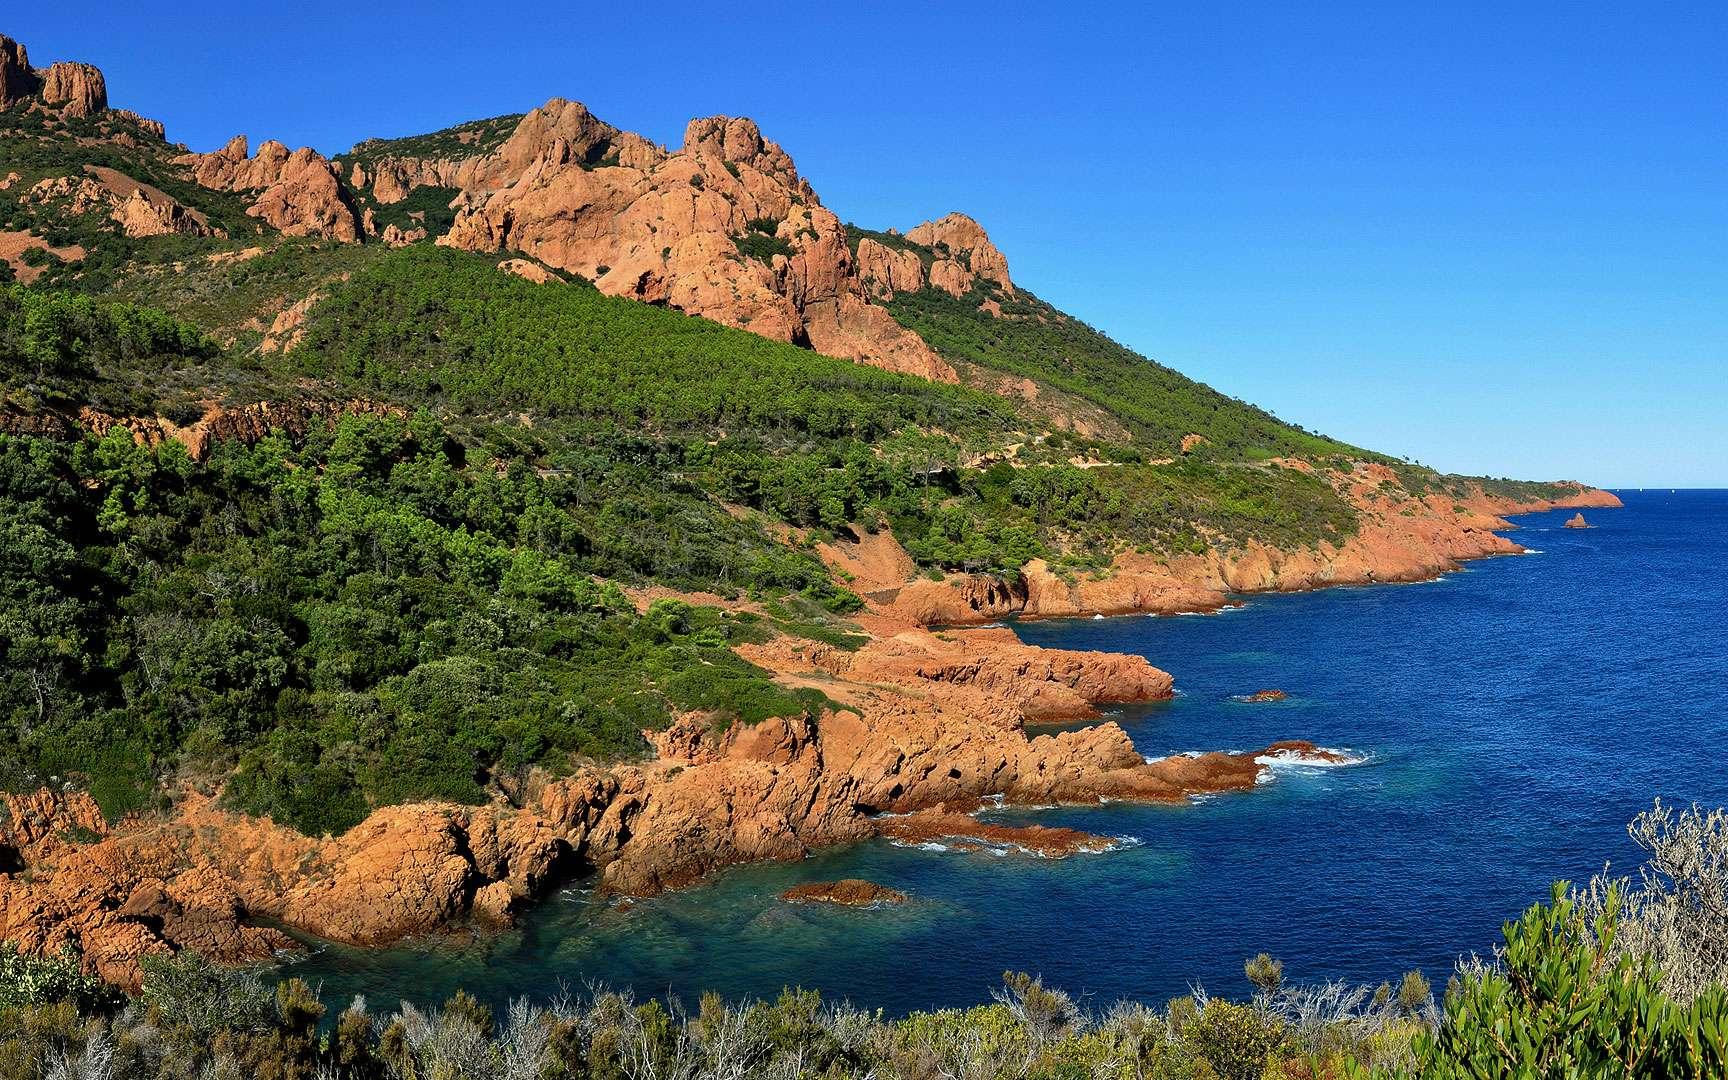 La posidonie, le jardin de la Méditerranée. La posidonie, ou Posidonia oceanica, tire son nom de Poséidon, dieu grec de la mer. Elle pousse sur les fonds entre la surface et 40 m de profondeur, et forme de vastes herbiers qui constituent l'écosystème majeur de la Méditerranée. Ces herbiers sont un lieu de frai et de « nurserie » pour de nombreuses espèces animales, et représentent une source de nourriture pour d'autres. La posidonie permet aussi de fixer les fonds marins grâce à l'entrelacement de ses rhizomes. Ceux-ci s'empilent d'une année sur l'autre, et contribuent à augmenter progressivement le niveau du fond (environ un mètre par siècle). Malheureusement, cette plante est aujourd'hui menacée par la pollution des rivages. © Nicolas Barraqué